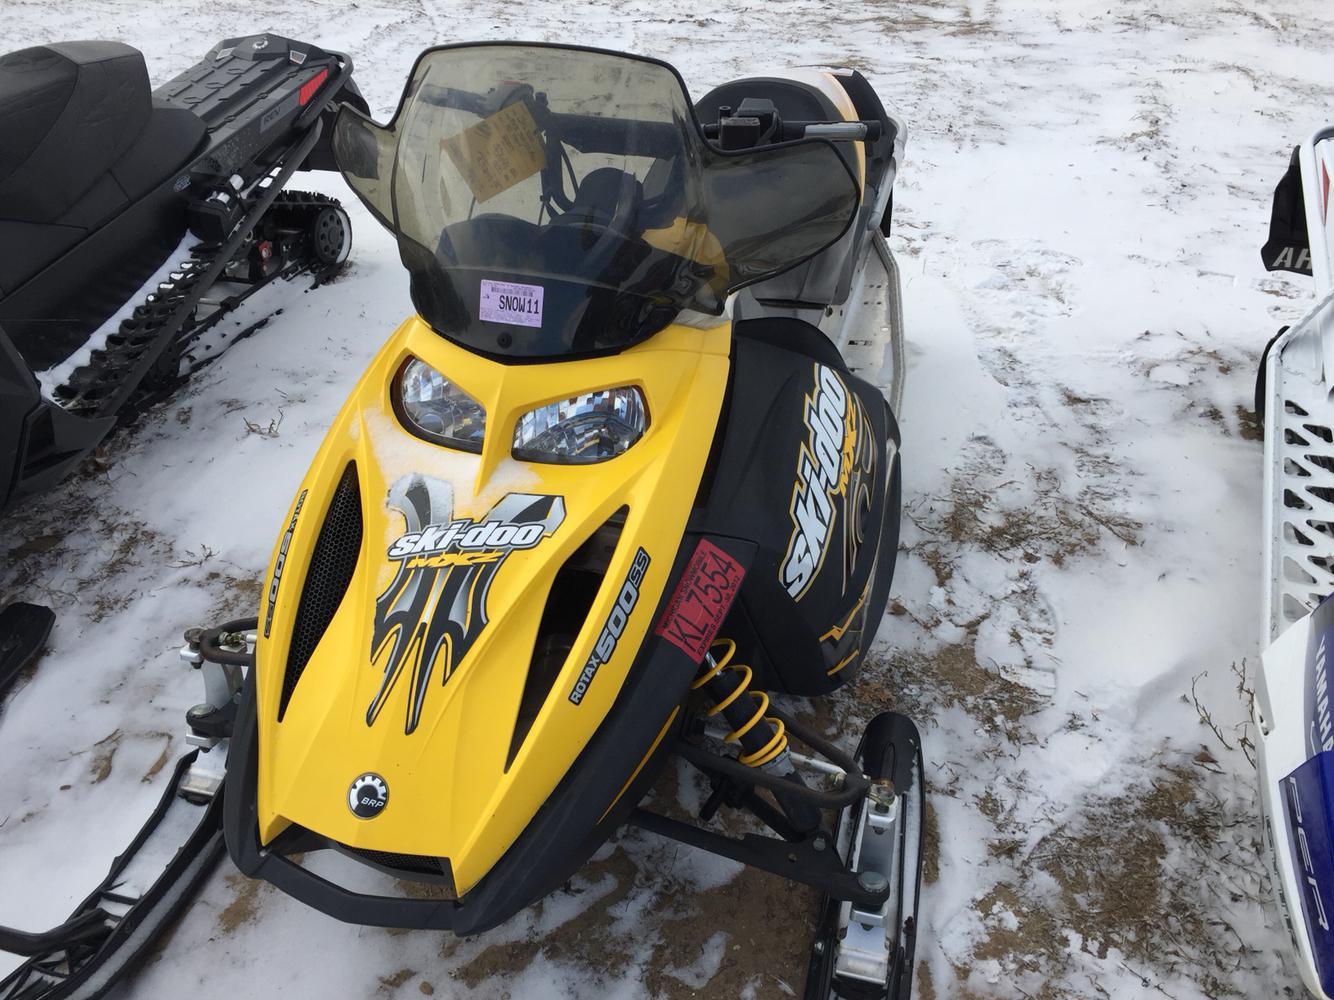 2007 Ski Doo MXZ 500 SS REV For Sale In Mecosta MI Lakeside Motor